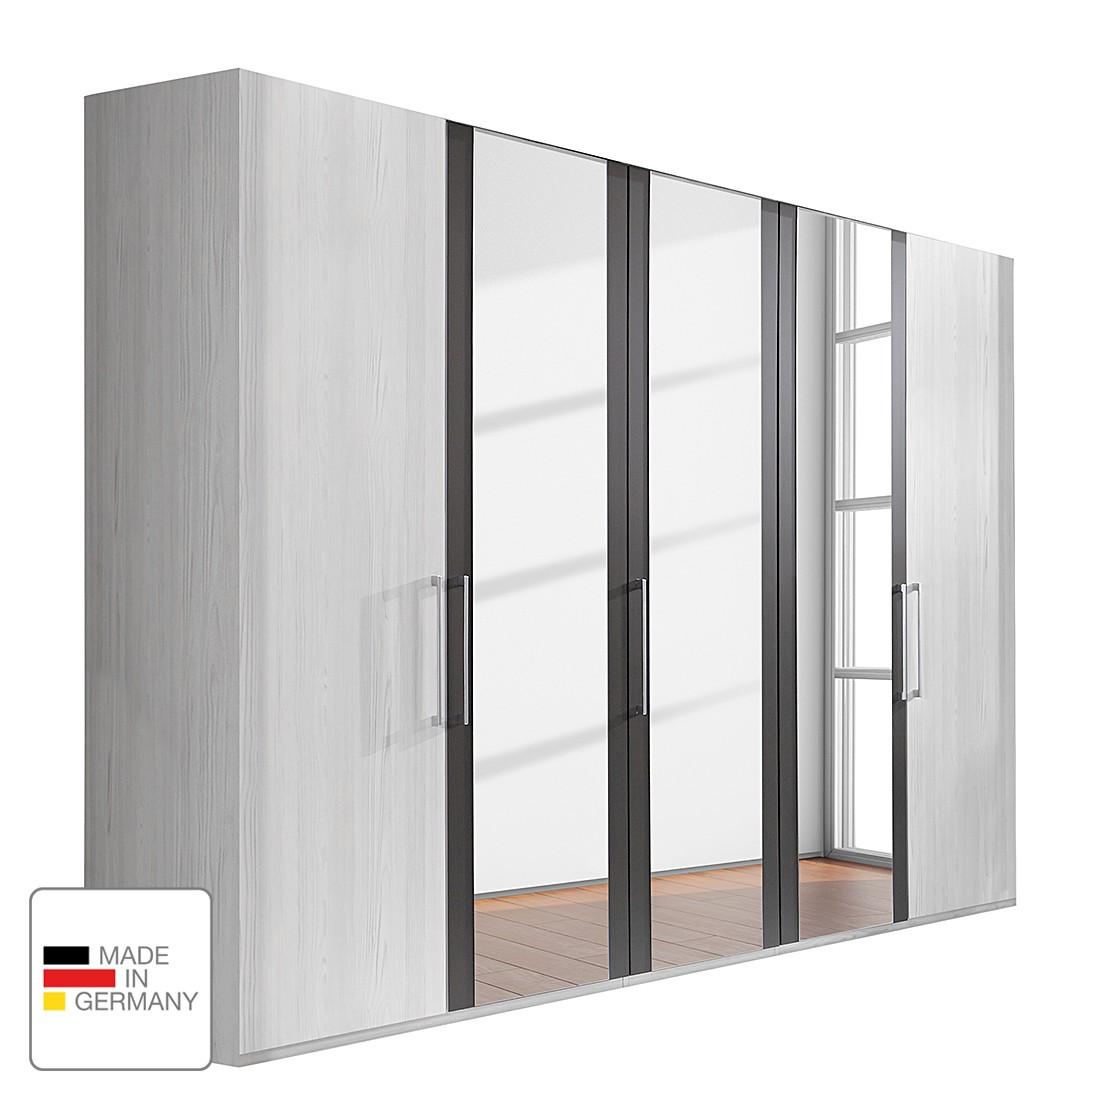 Drehtürenschrank Lissabon – Polar Lärche Dekor/Havanna – 350 cm (7-türig) – 1 Spiegeltür – Ohne Passpartoutrahmen, Althoff bestellen